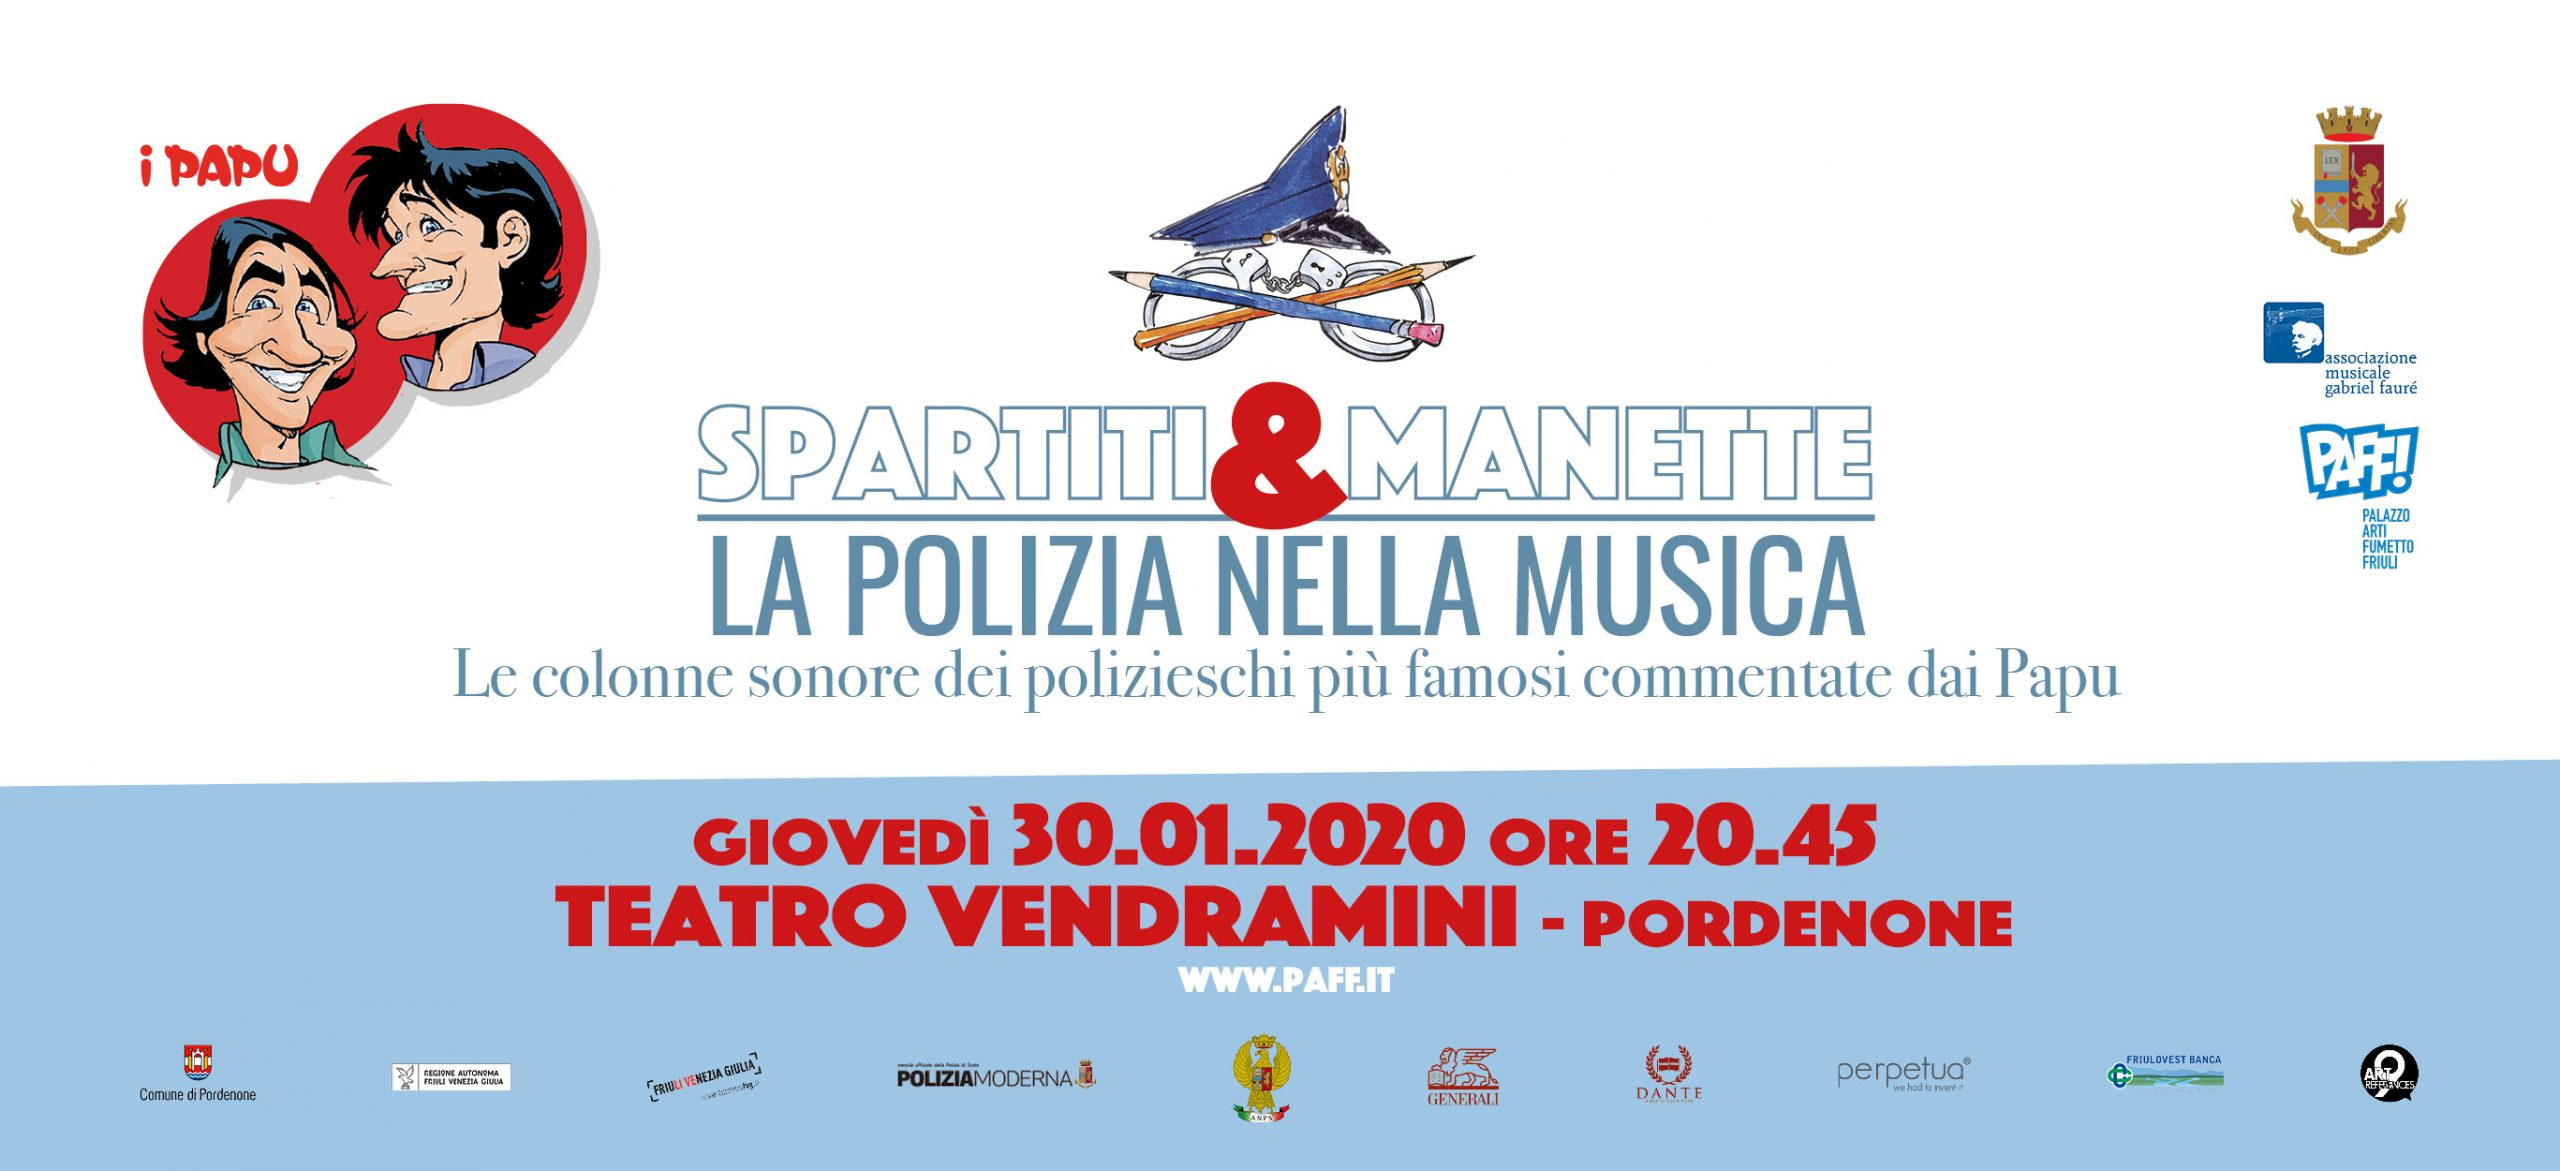 Spettacolo musicale: Spartiti & Manette, la Polizia nella Musica con i PAPU